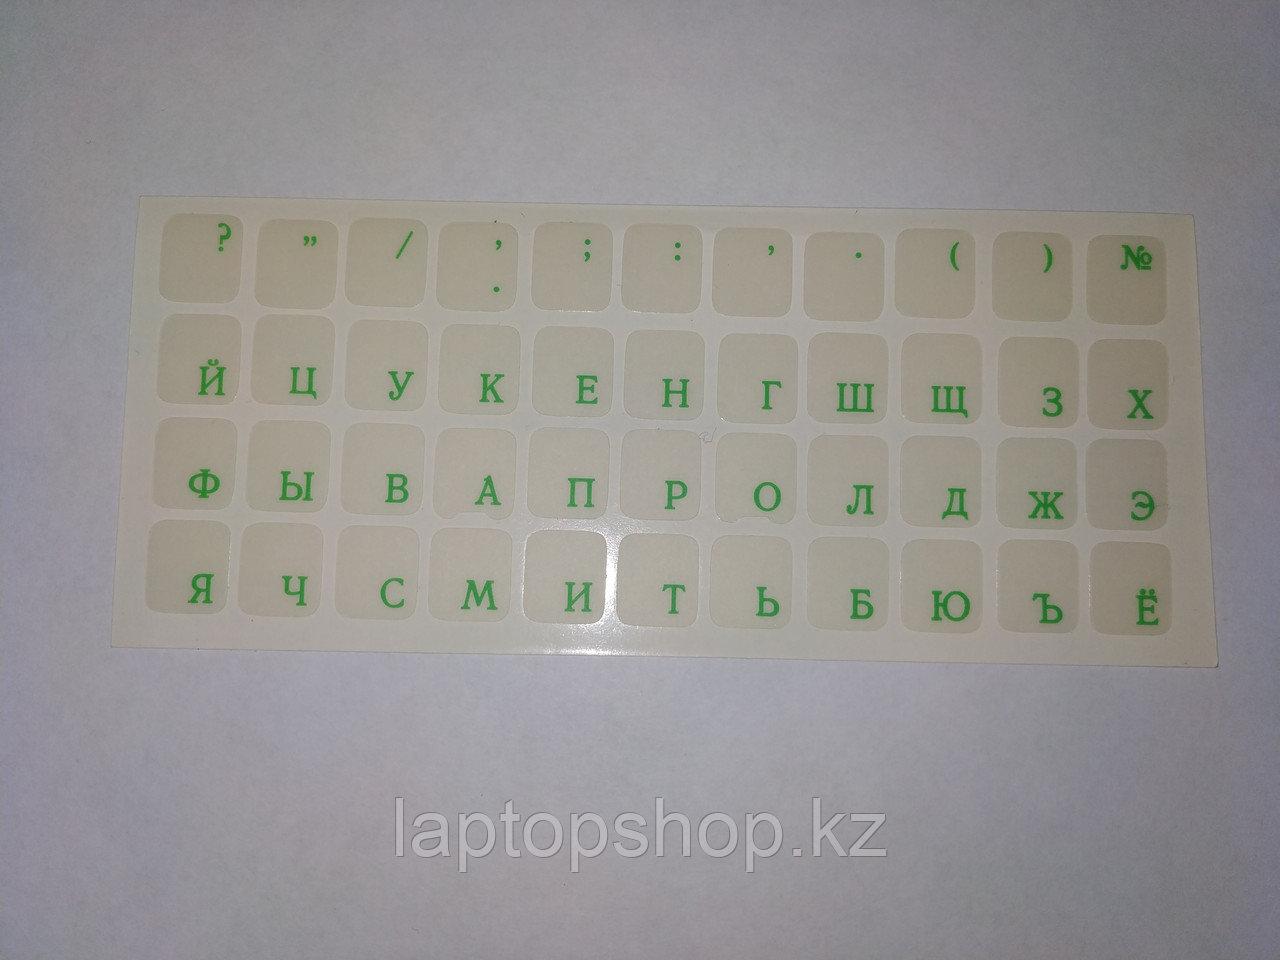 Наклейки на клавиатуру не стираемые прозрачные (краска ПОД ПЛЕНКОЙ) - зеленый